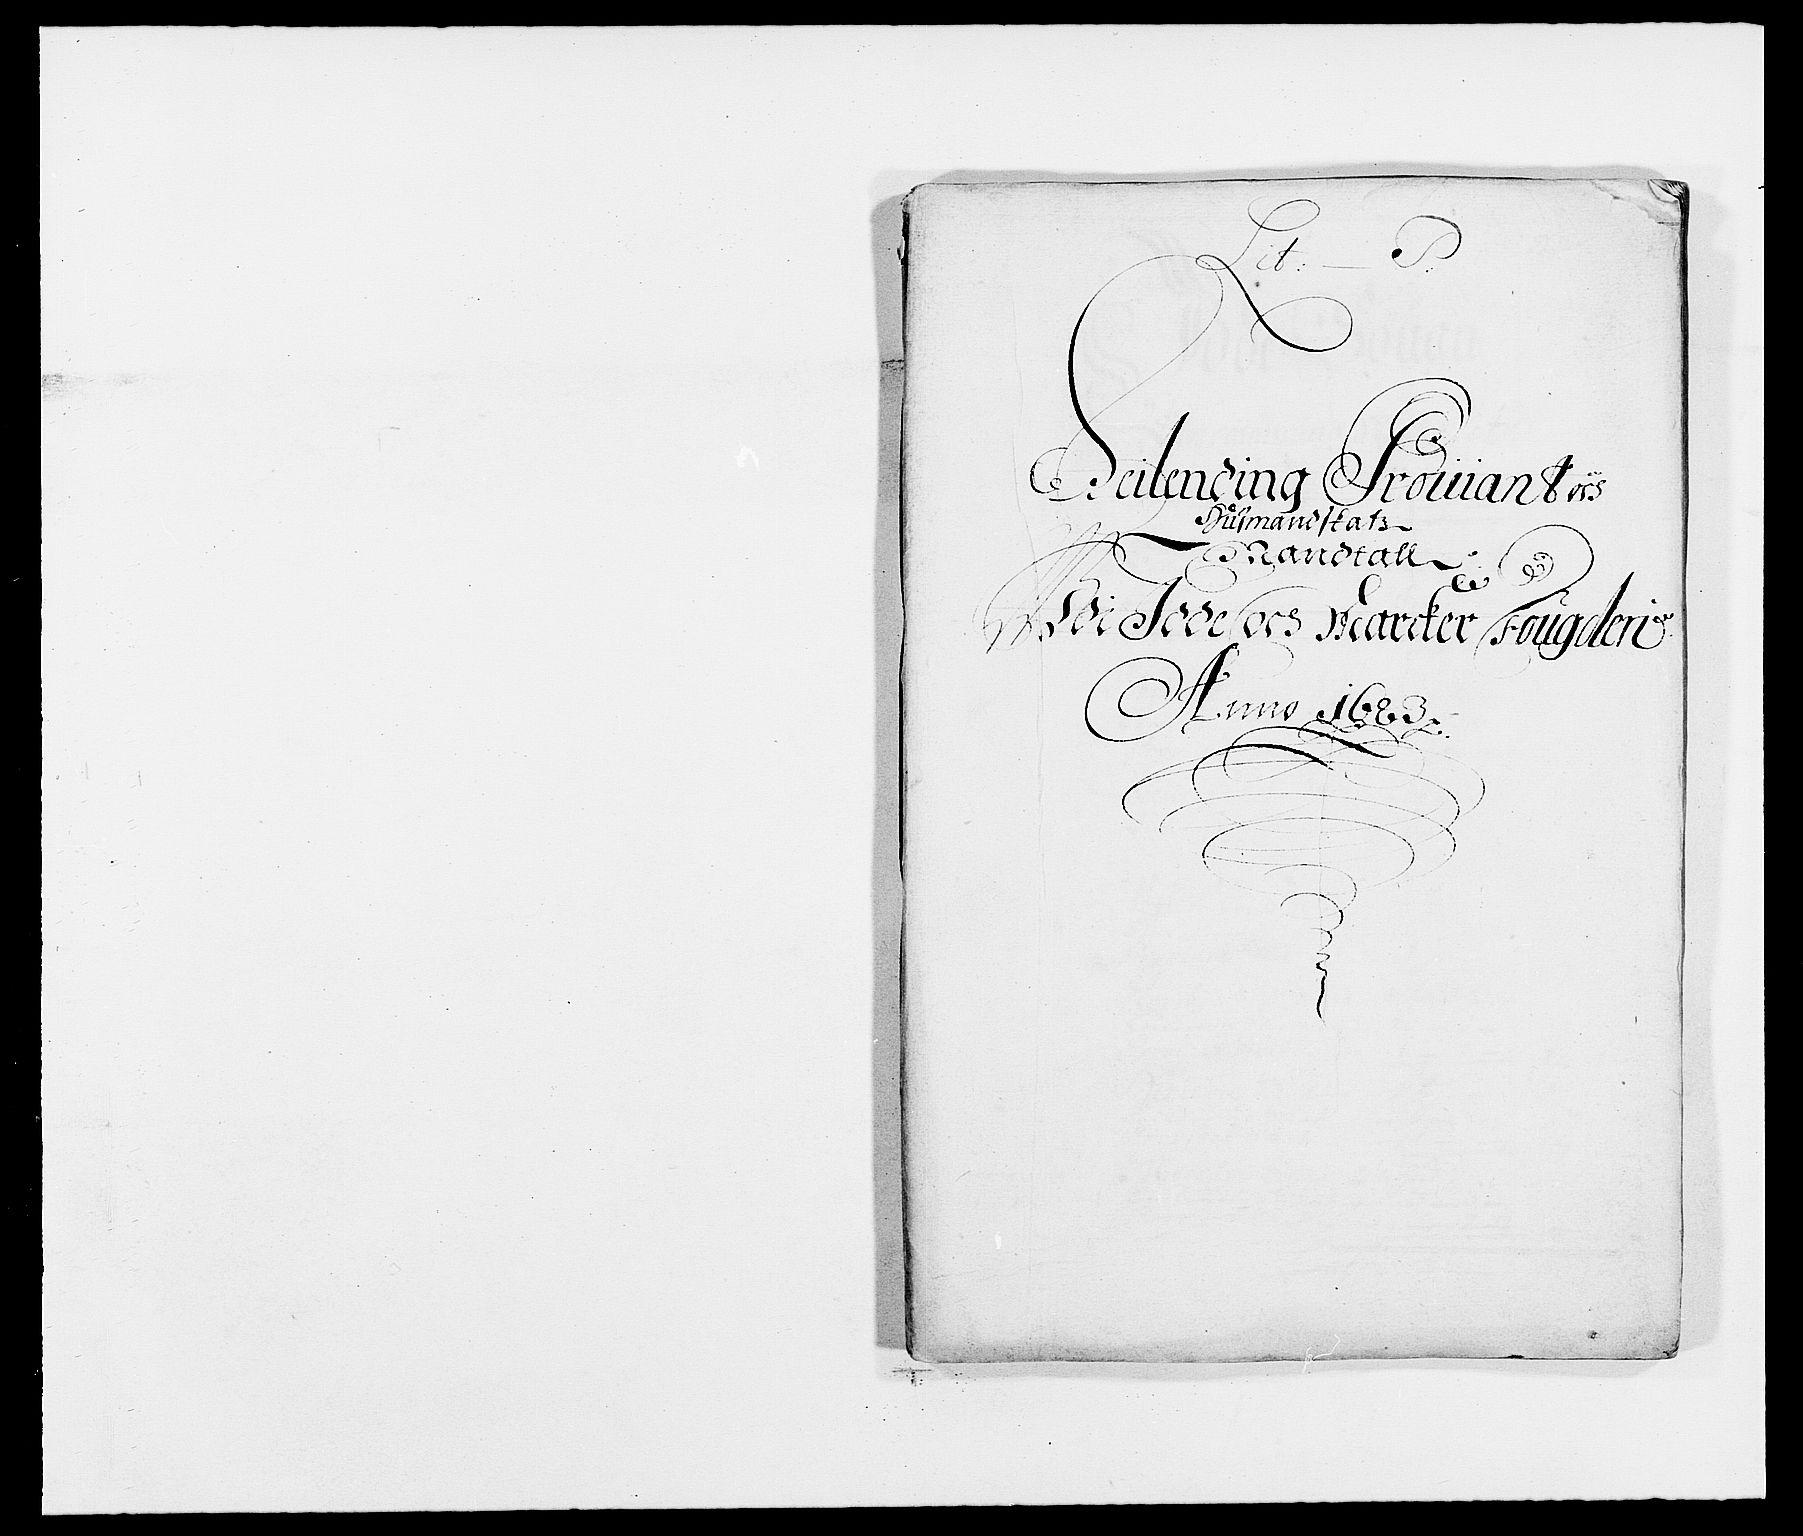 RA, Rentekammeret inntil 1814, Reviderte regnskaper, Fogderegnskap, R01/L0004: Fogderegnskap Idd og Marker , 1682-1683, s. 235